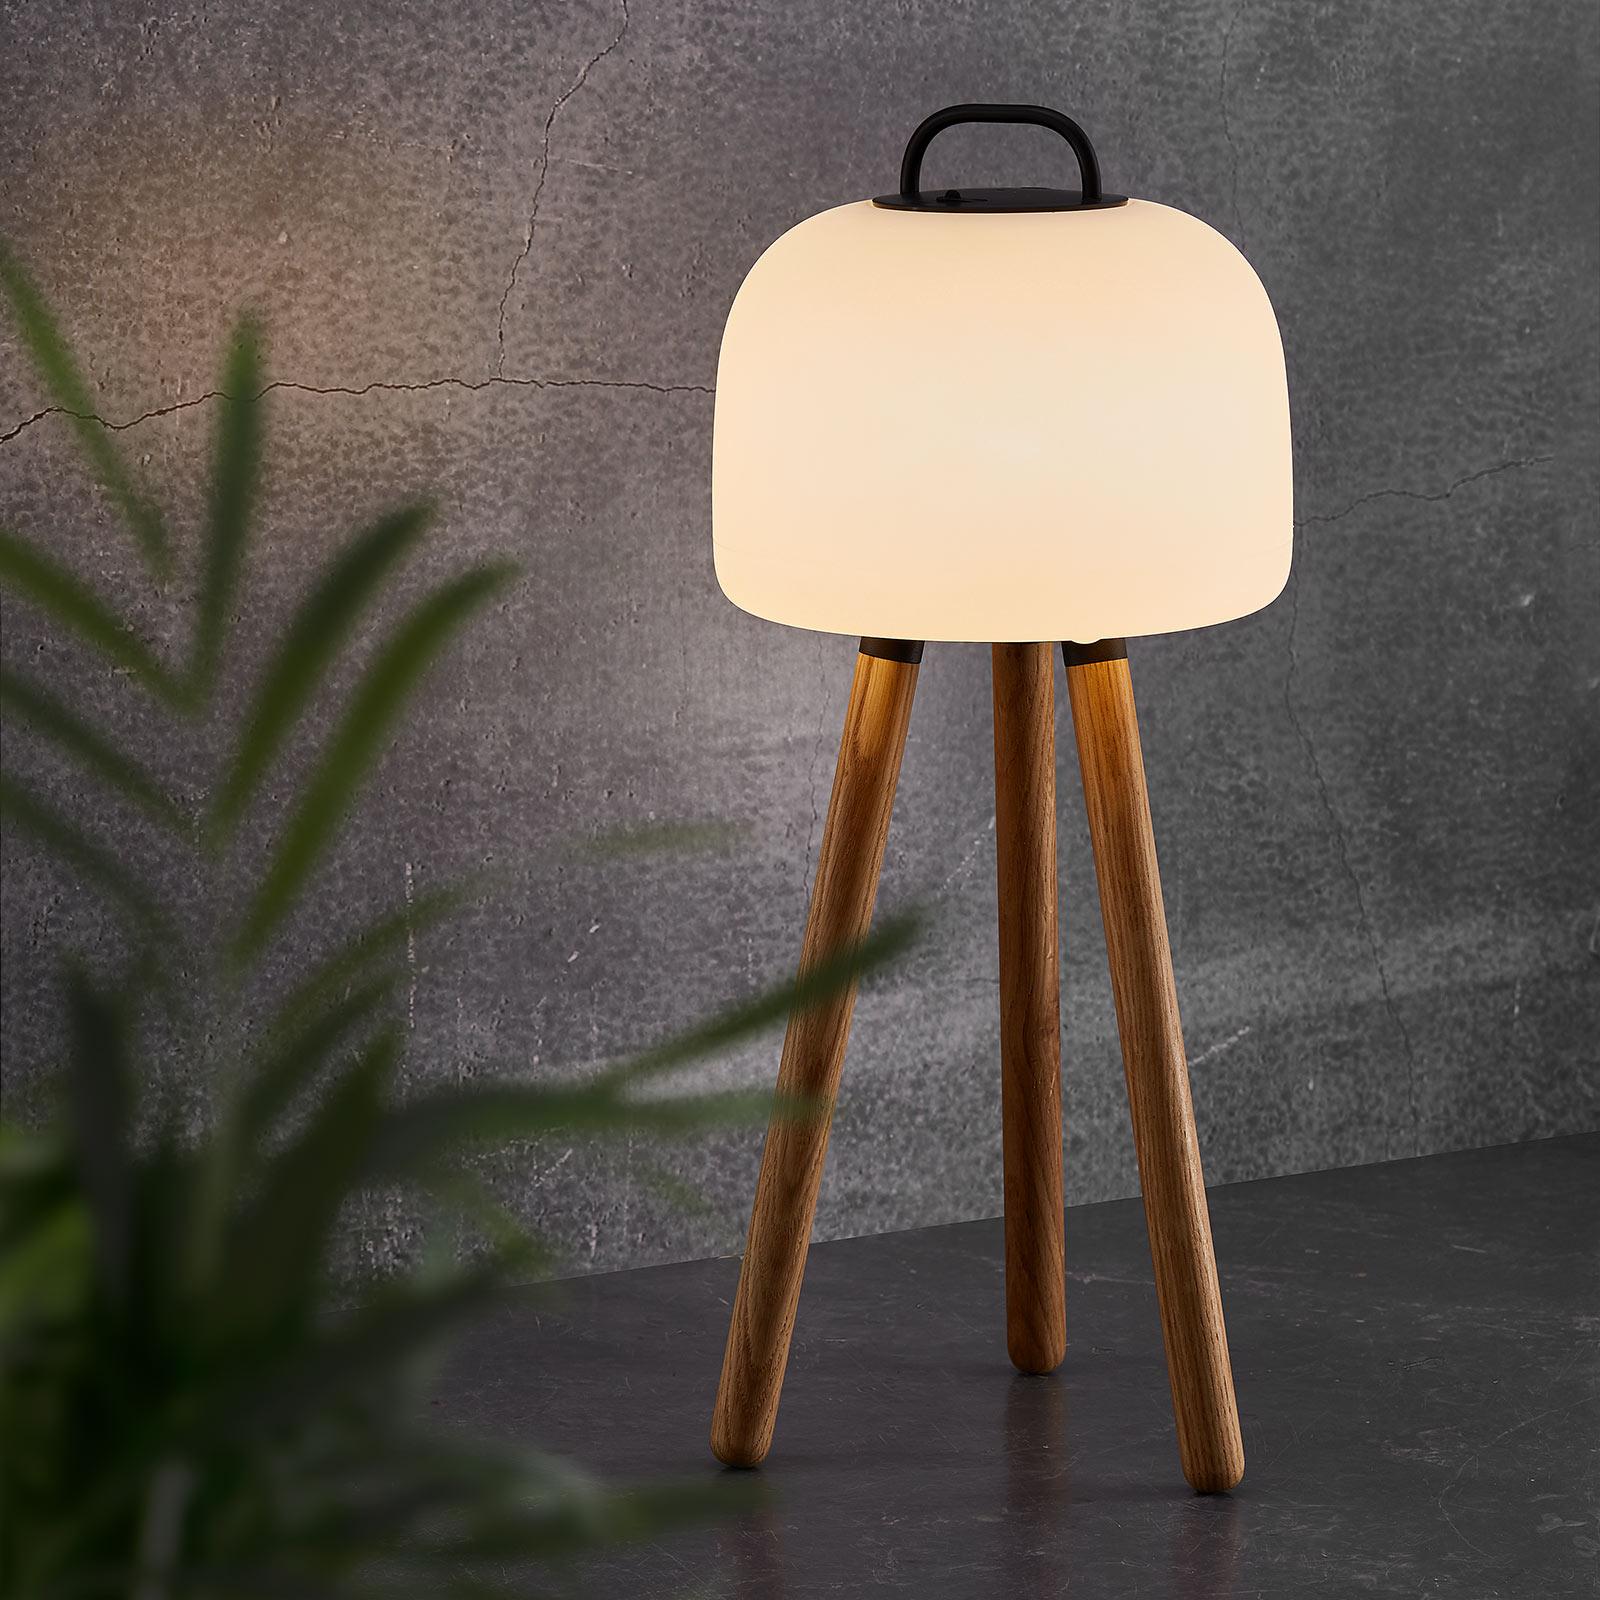 LED-bordlampe Kettle tripod, tre, skjerm 22 cm